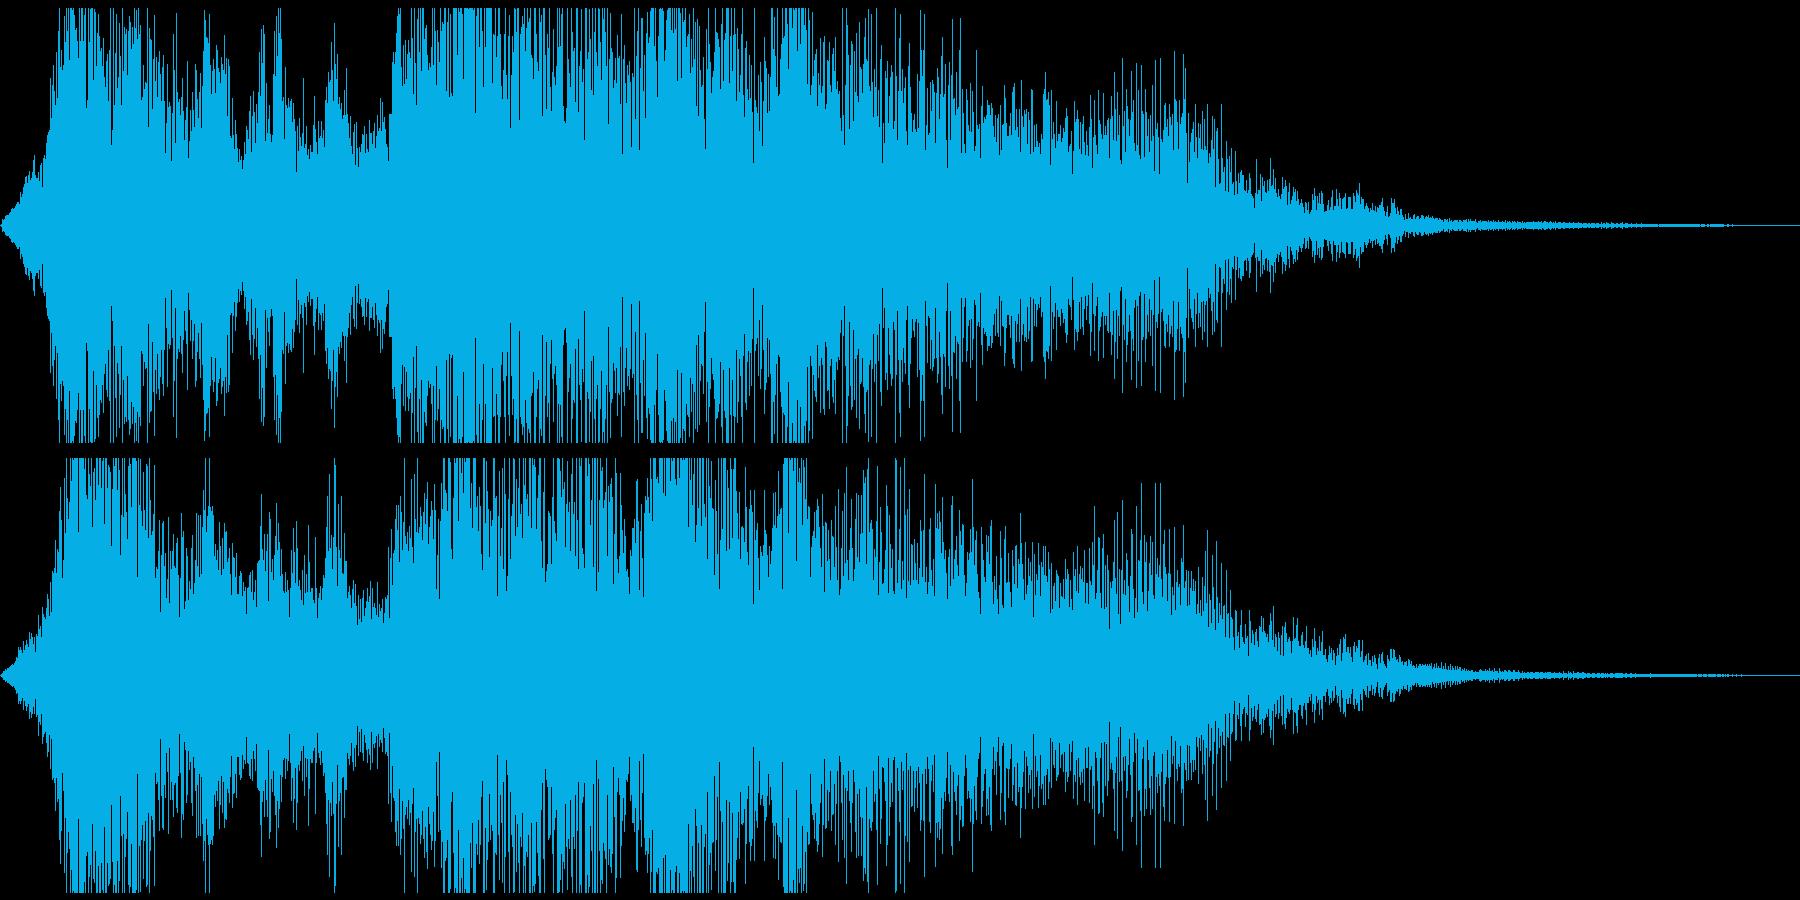 ファンタジーな勝利ジングル 5秒の再生済みの波形